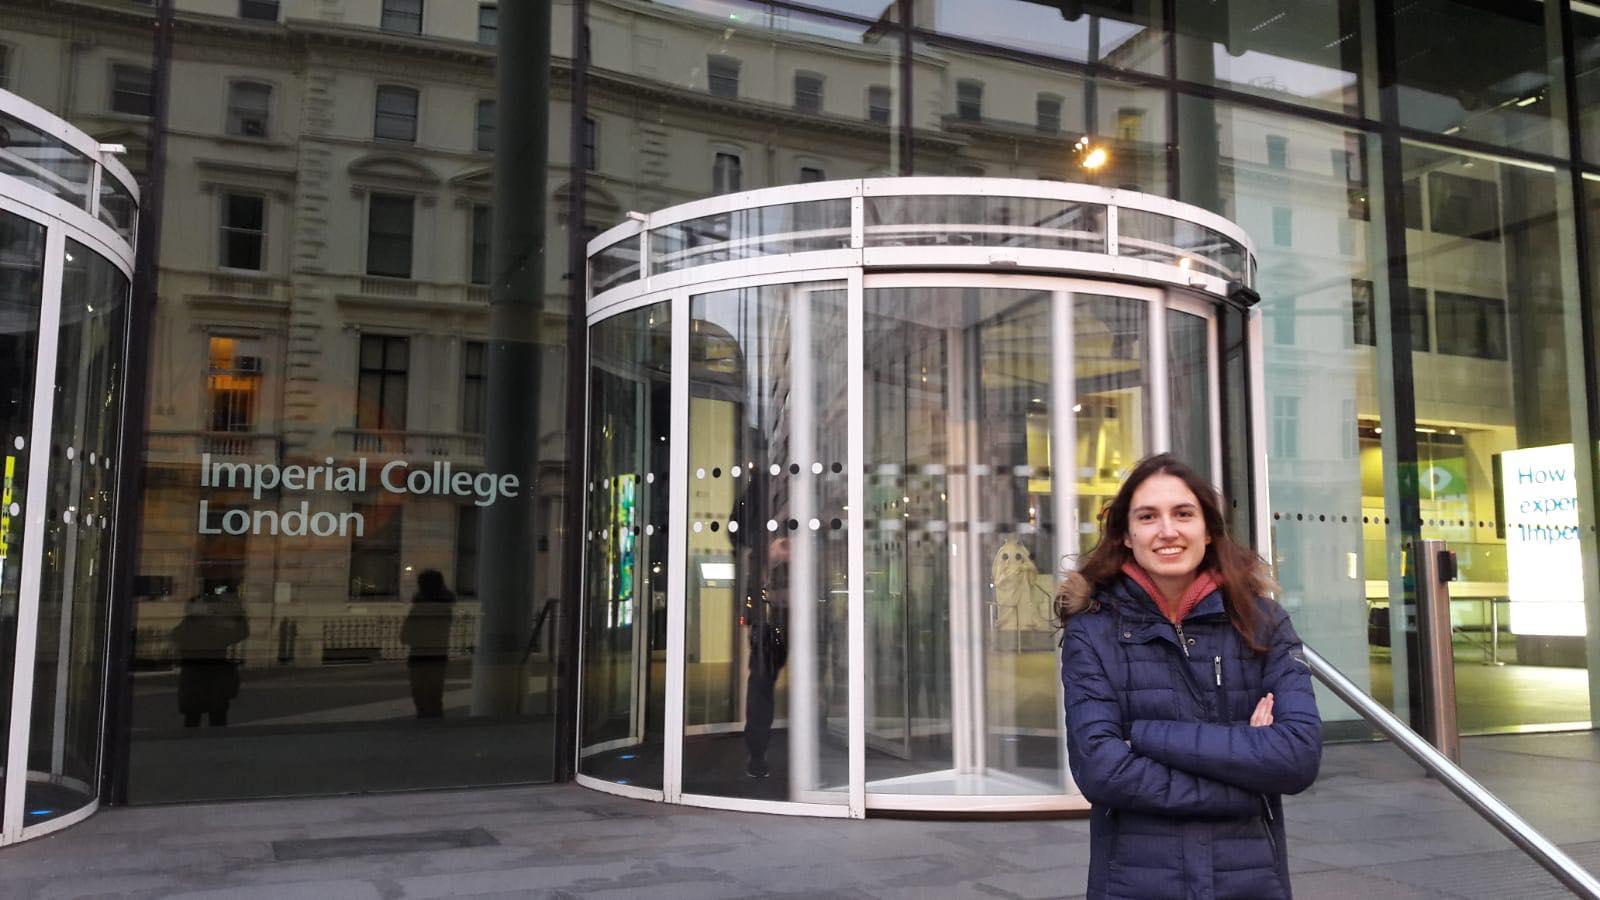 Immagine per Londra ricade nel lockdown e si ritrova isolata, il racconto di una 24enne di Capriva che vive nella City